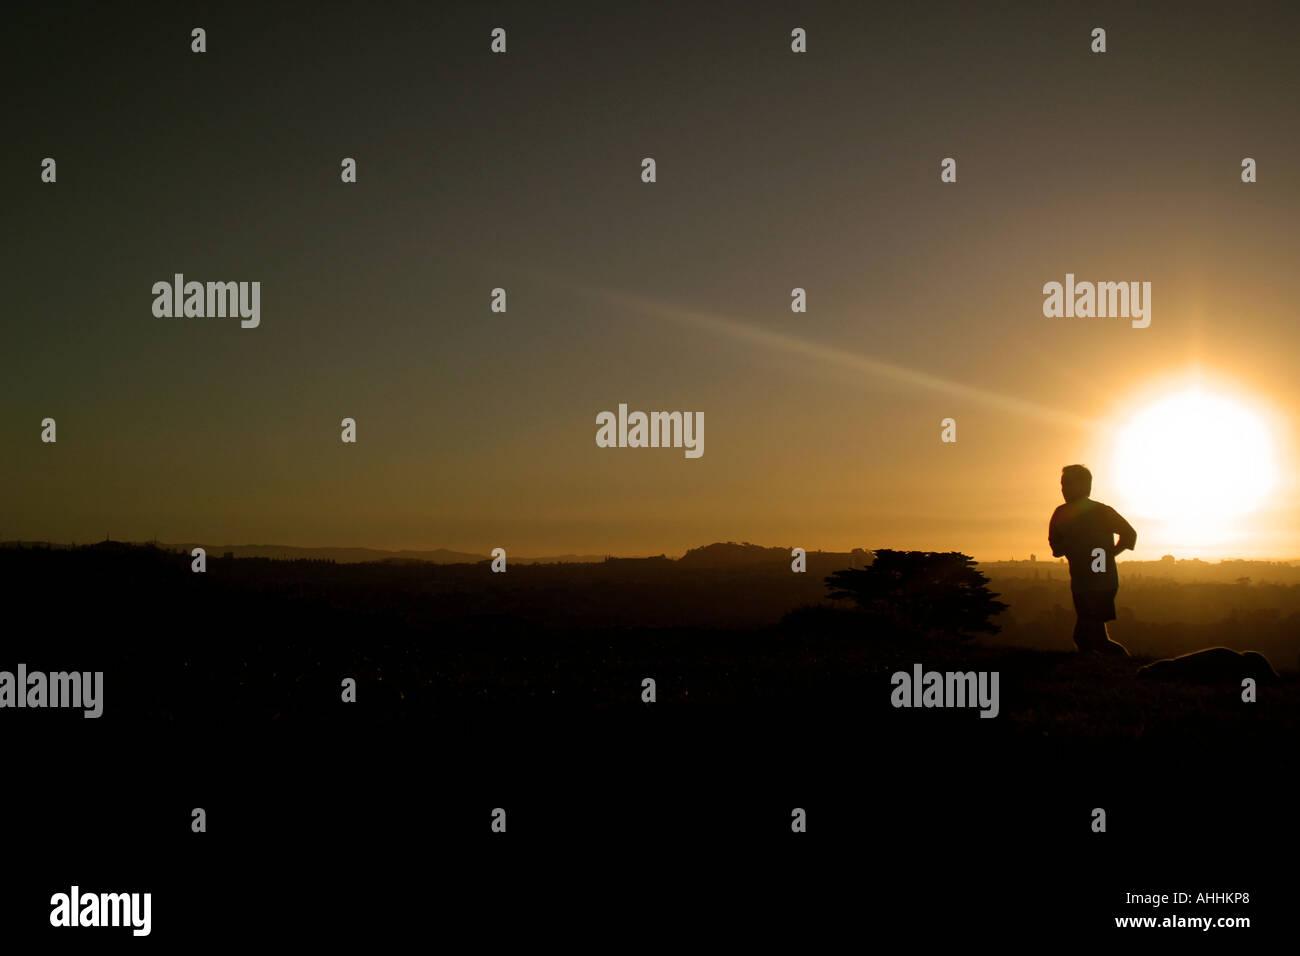 Man jogging at sunset - Stock Image